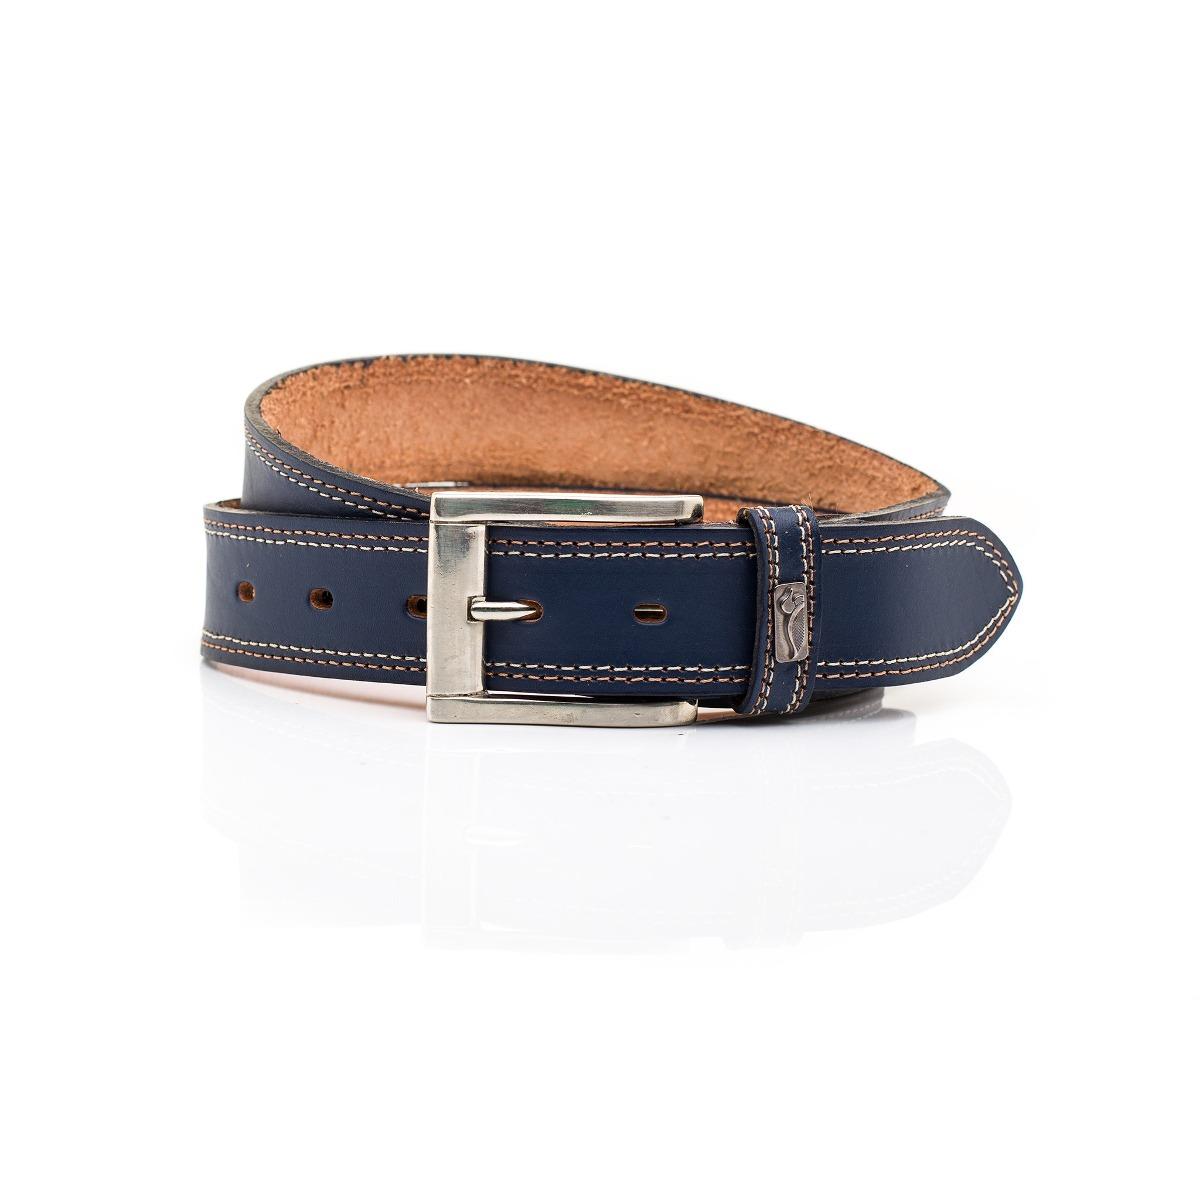 Cinto Cinturon Hombre Cuero Azul Pato Pampa - $ 599,00 en Mercado Libre